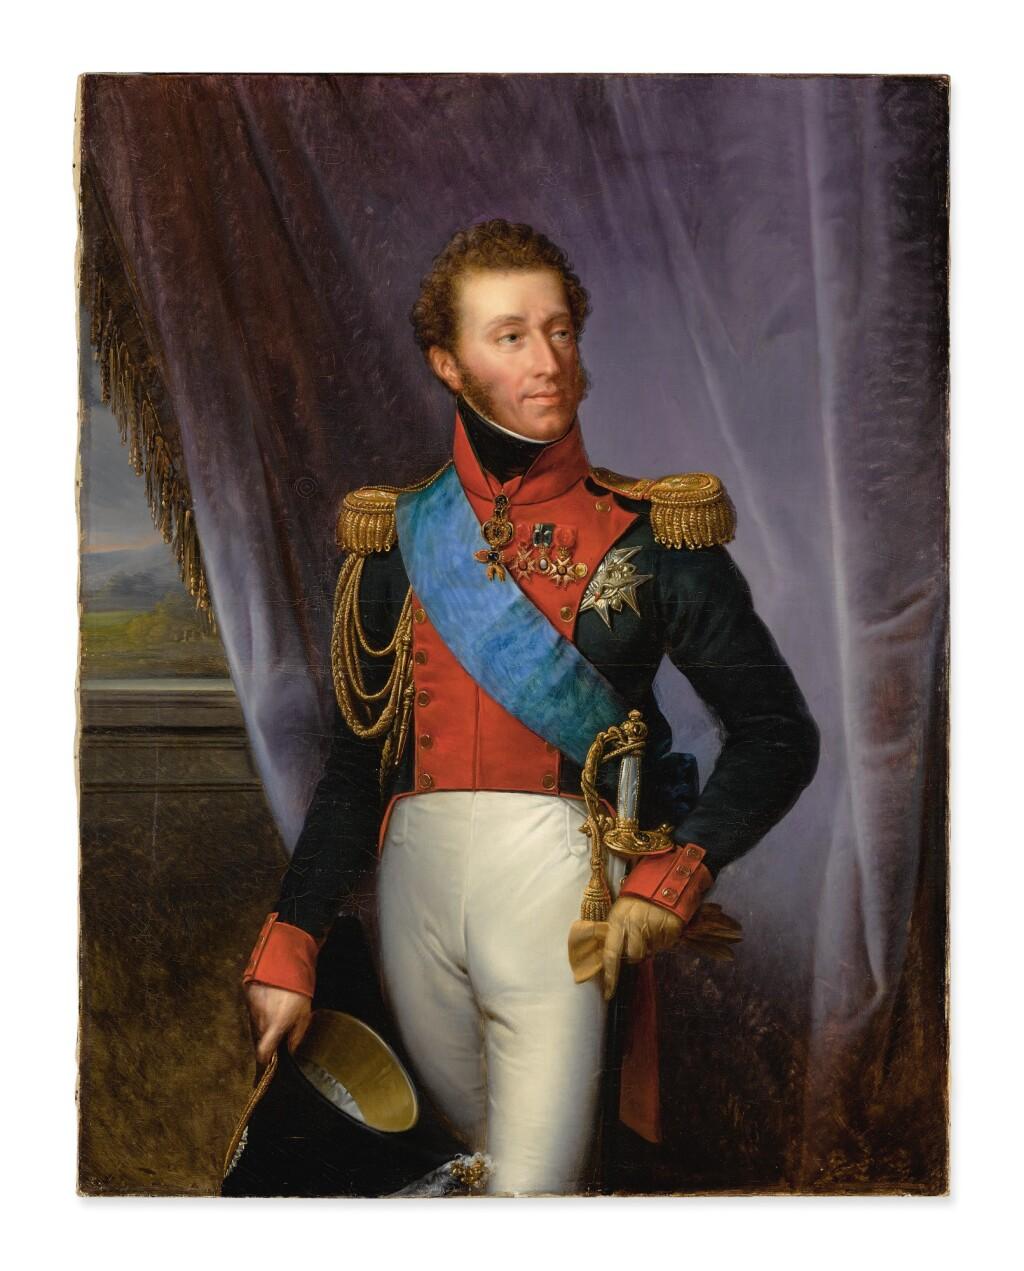 FRANÇOIS-JOSEPH KINSON   PORTRAIT OF LOUIS ANTOINE OF FRANCE, DUC D'ANGOULÊME (1775 – 1844), THREE-QUARTER LENGTH